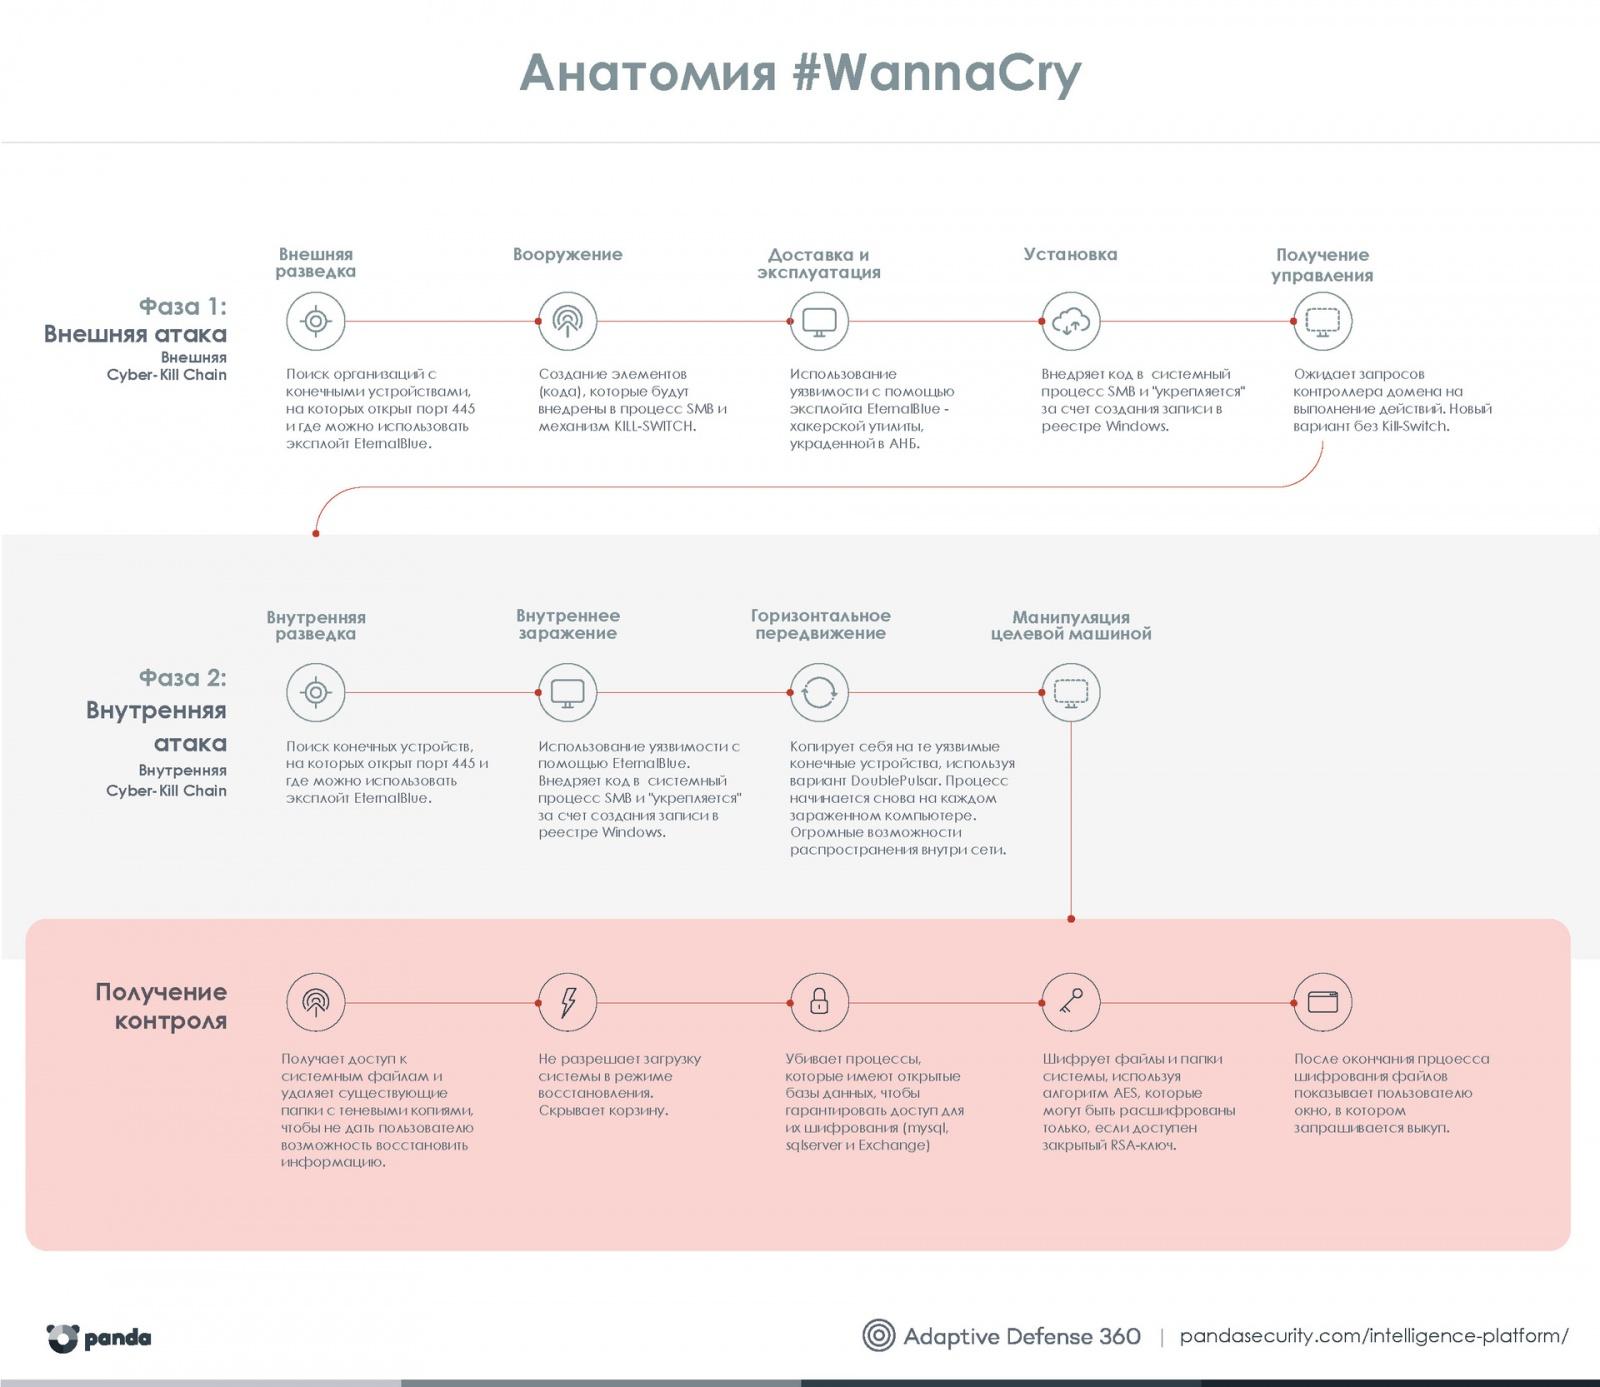 Атака семейства шифровальщиков WannaCry: анализ ситуации и готовность к следующим атакам - 2